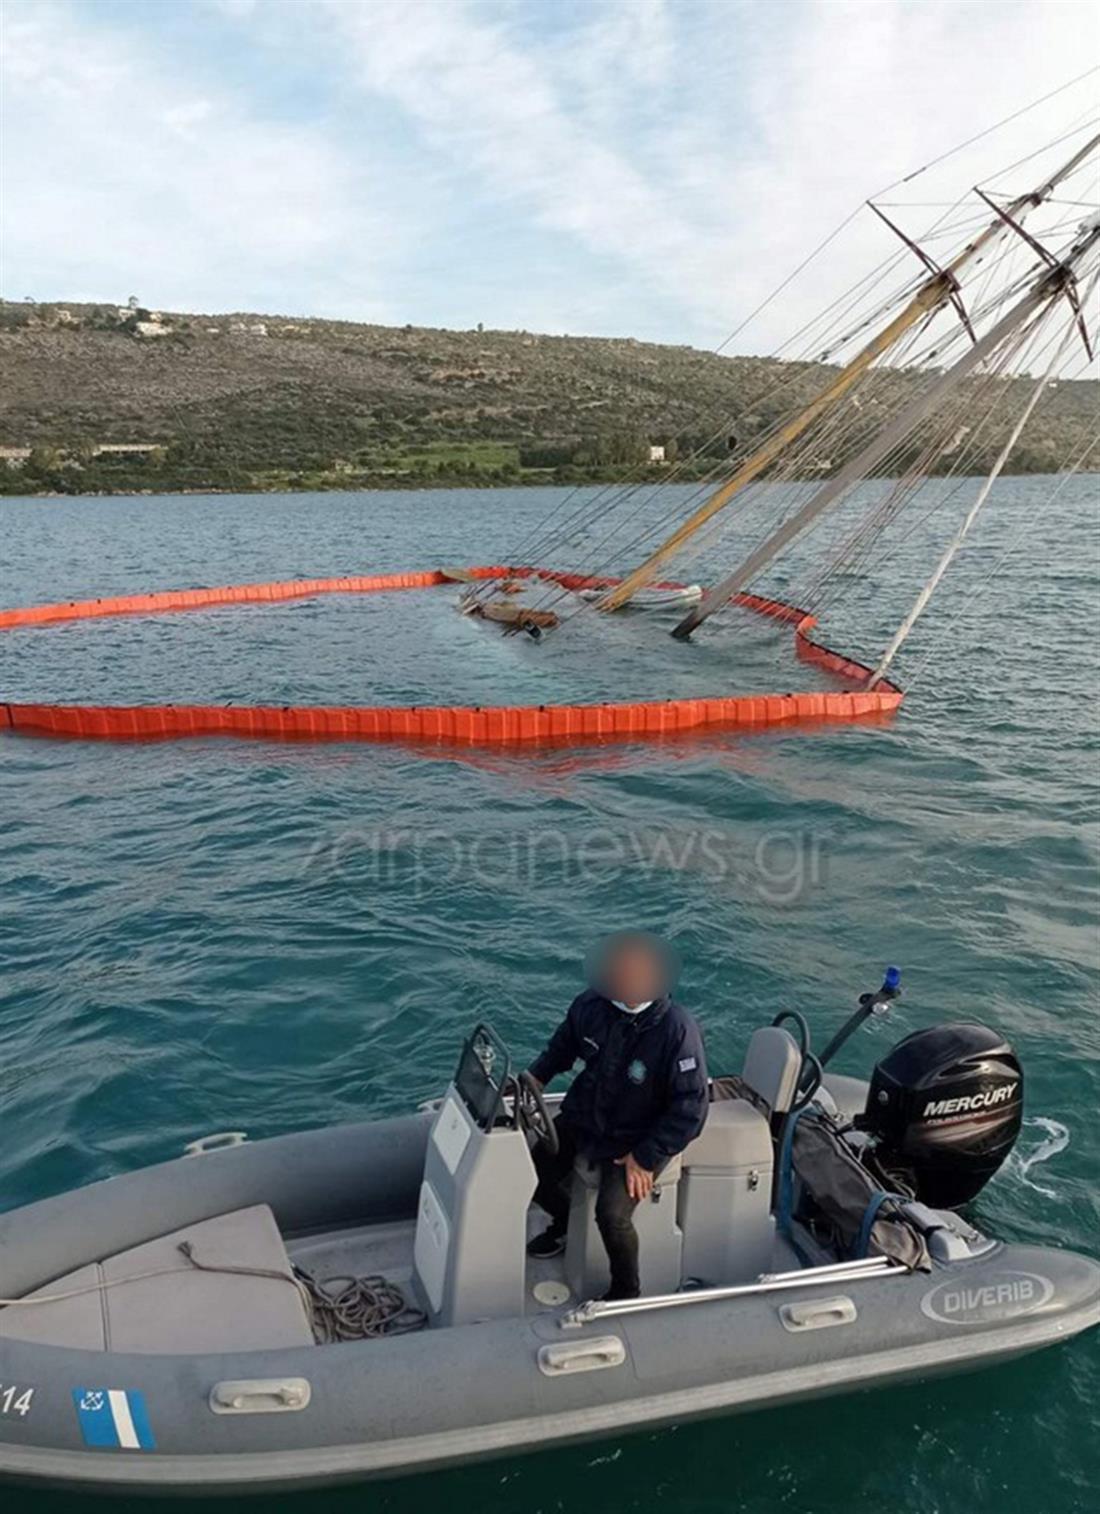 Χανιά - βατραχάνθρωποι - βυθισμένο σκάφος - νεκρός Βρετανός